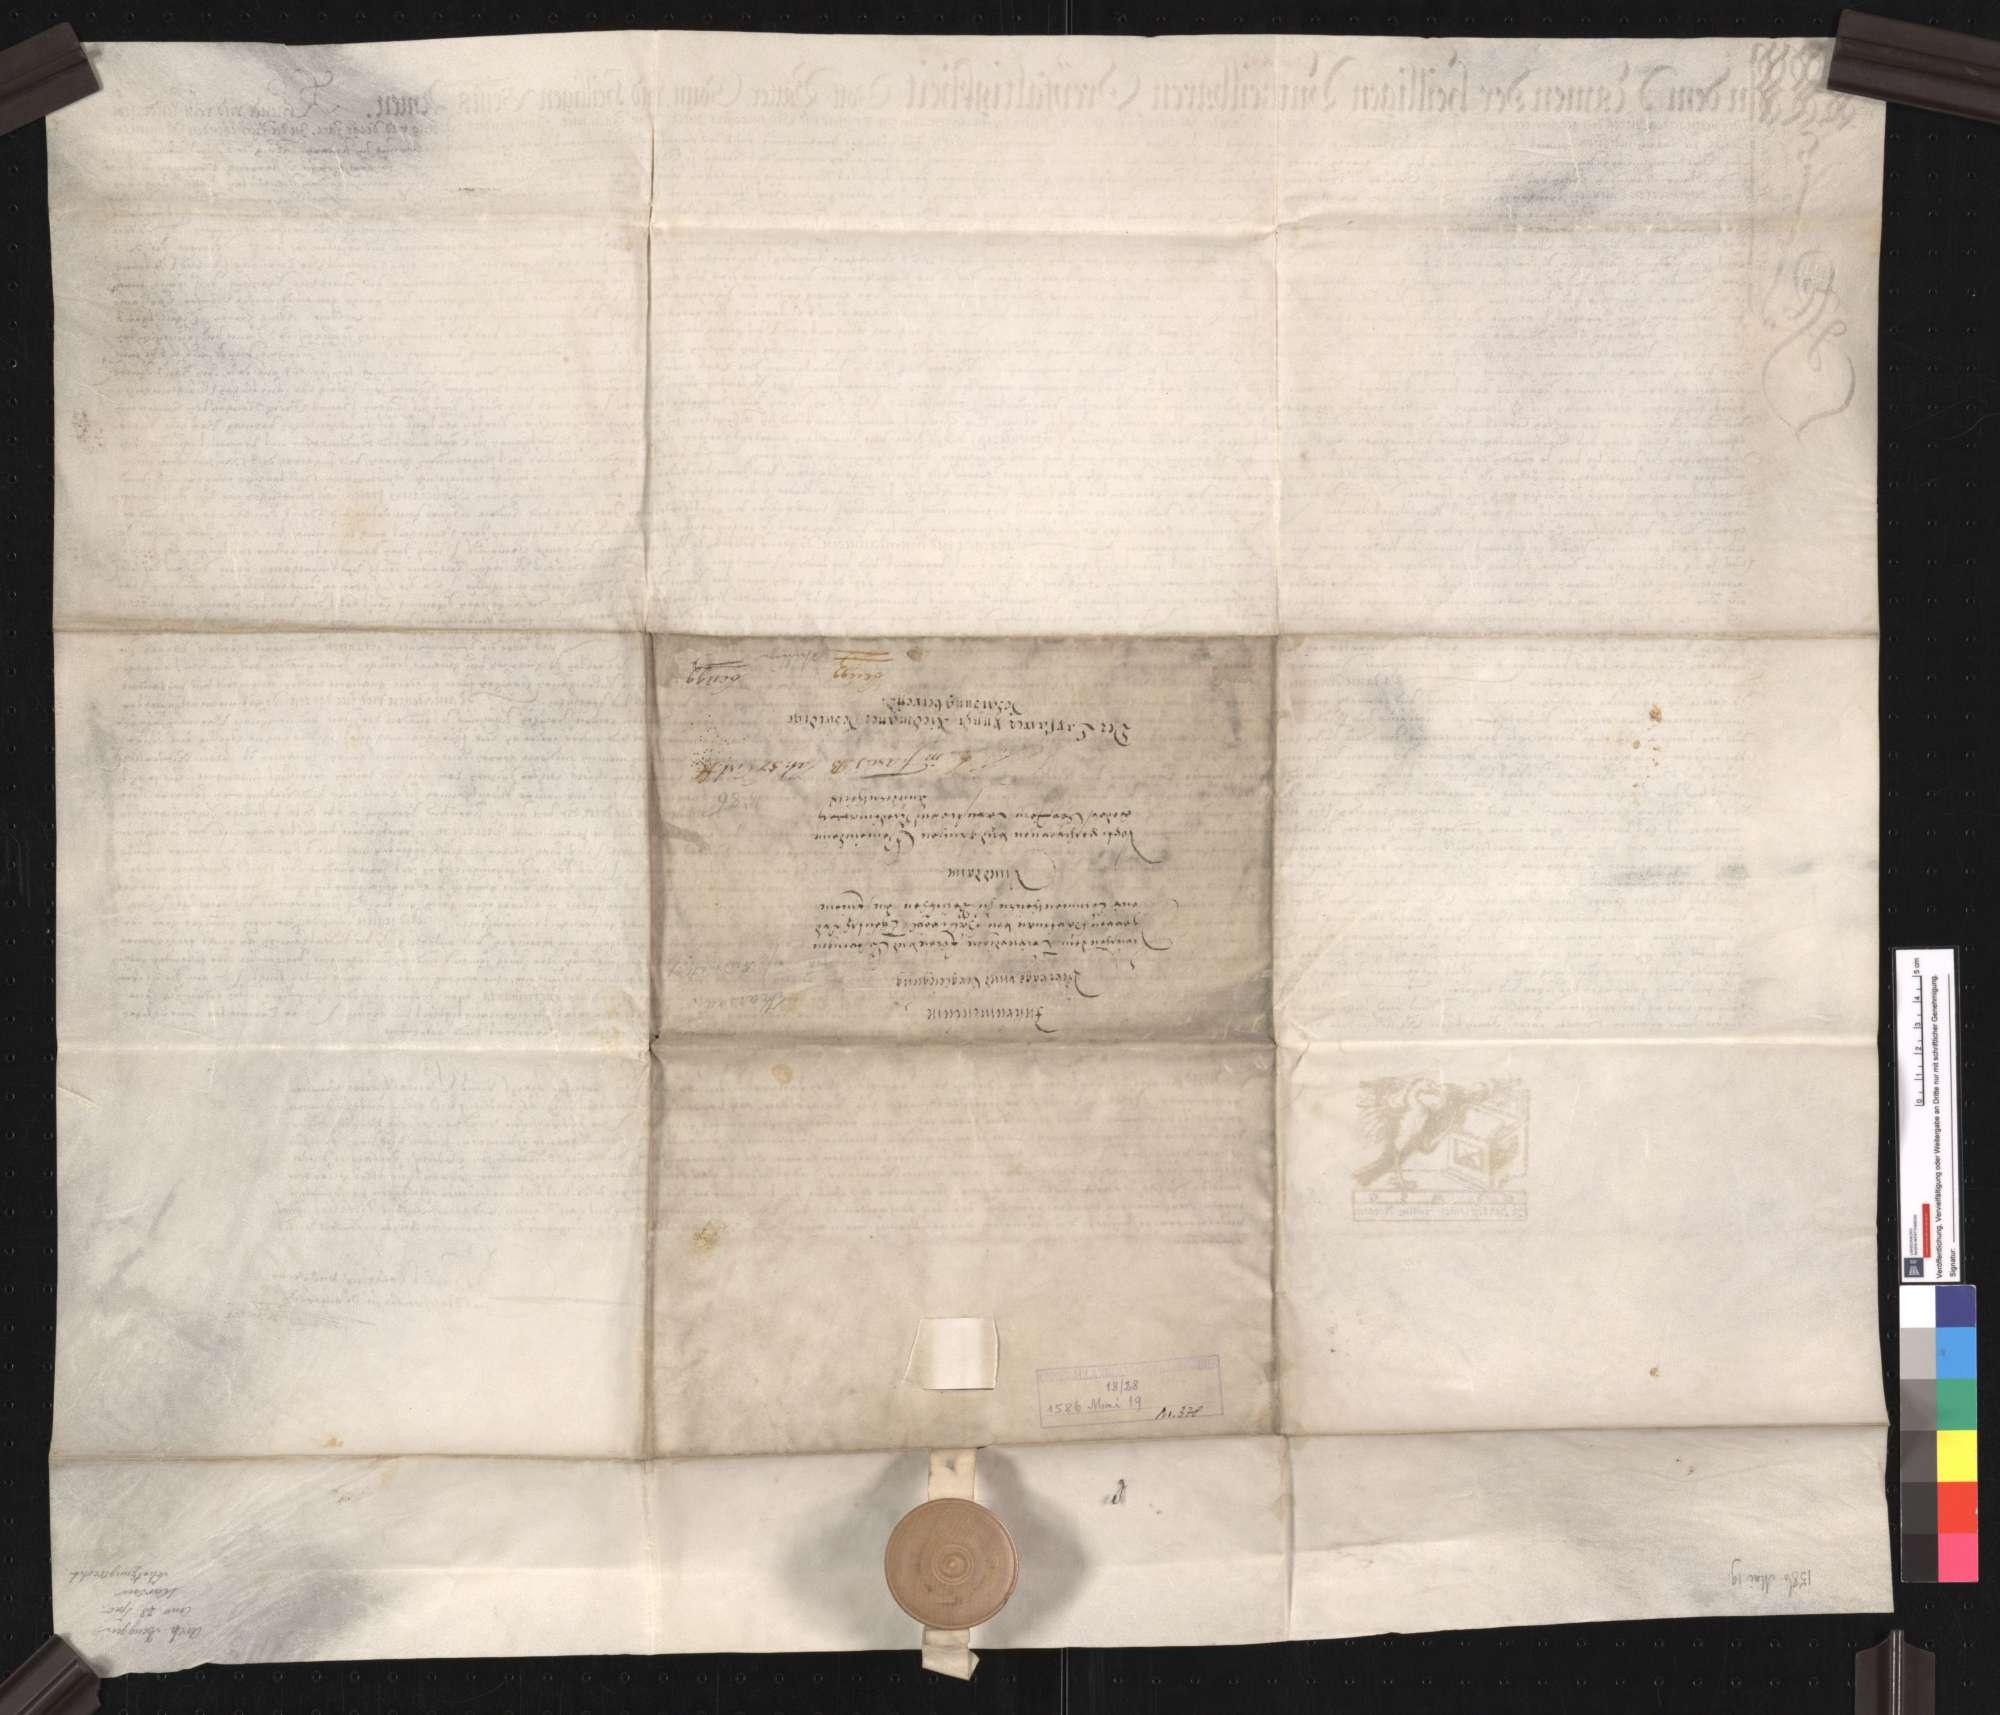 Notariatsinstrument über einen Vertrag zwischen Hartmann von Hallwil, Komtur zu Beuggen, und den Gemeinden Karsau und Riedmatt, wegen der von diesen zu entrichtenden Schatzung., Bild 2